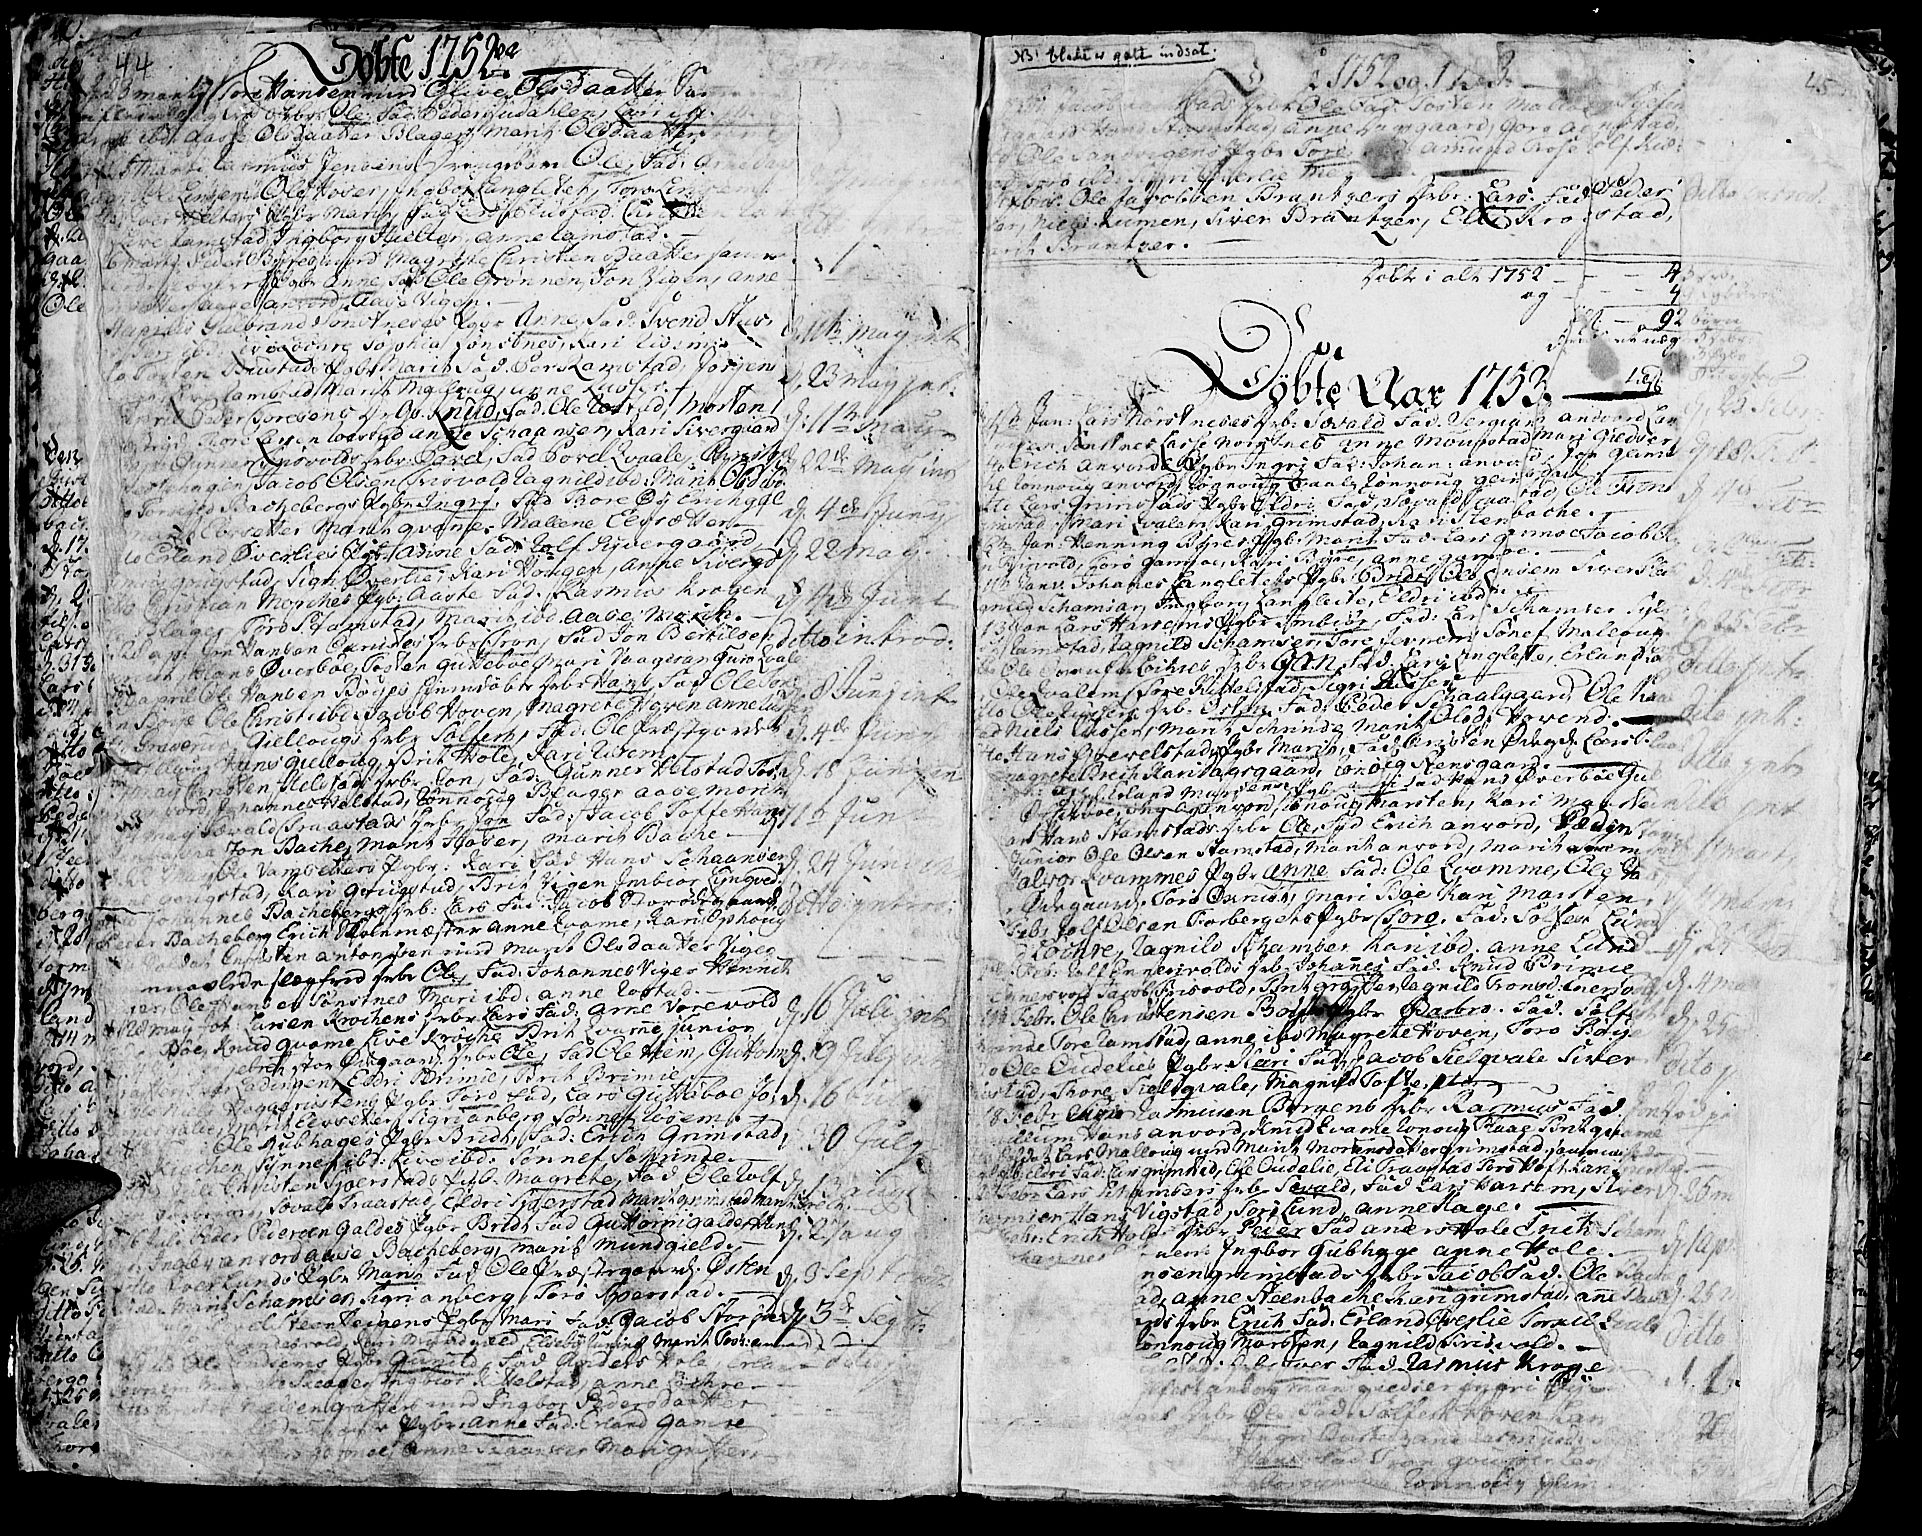 SAH, Lom prestekontor, K/L0002: Ministerialbok nr. 2, 1749-1801, s. 44-45